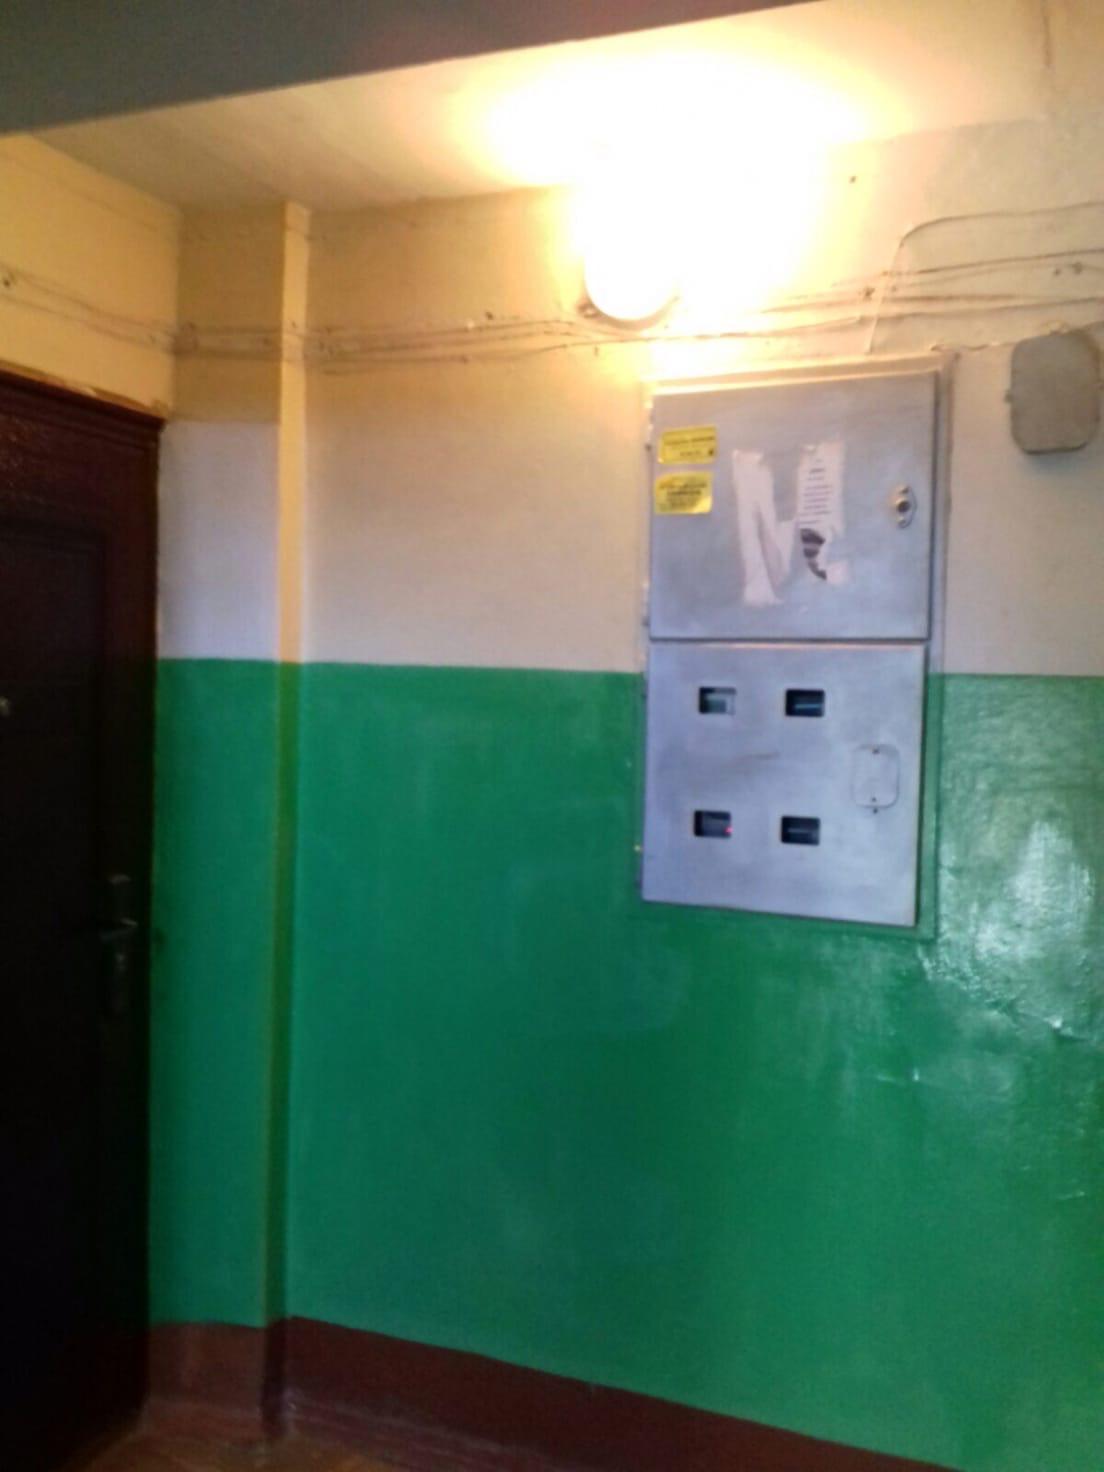 Улица монтажников дом 28 4п 2,3 эт